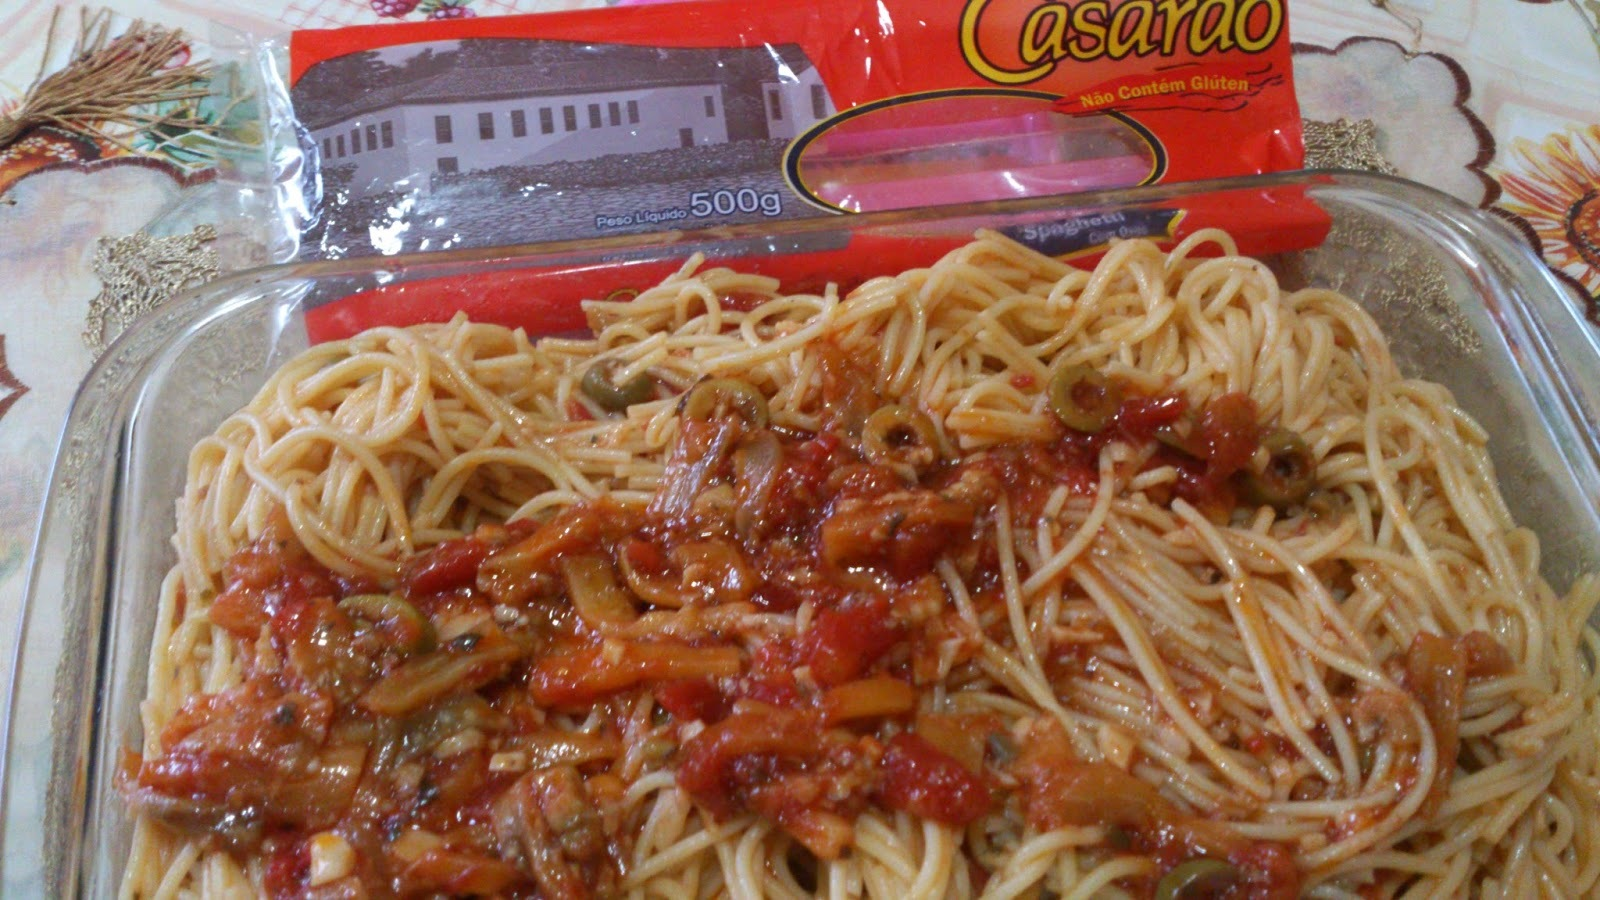 Macarrão Casarão sem glúten ao molho de tomates frescos, berinjela e azeitonas